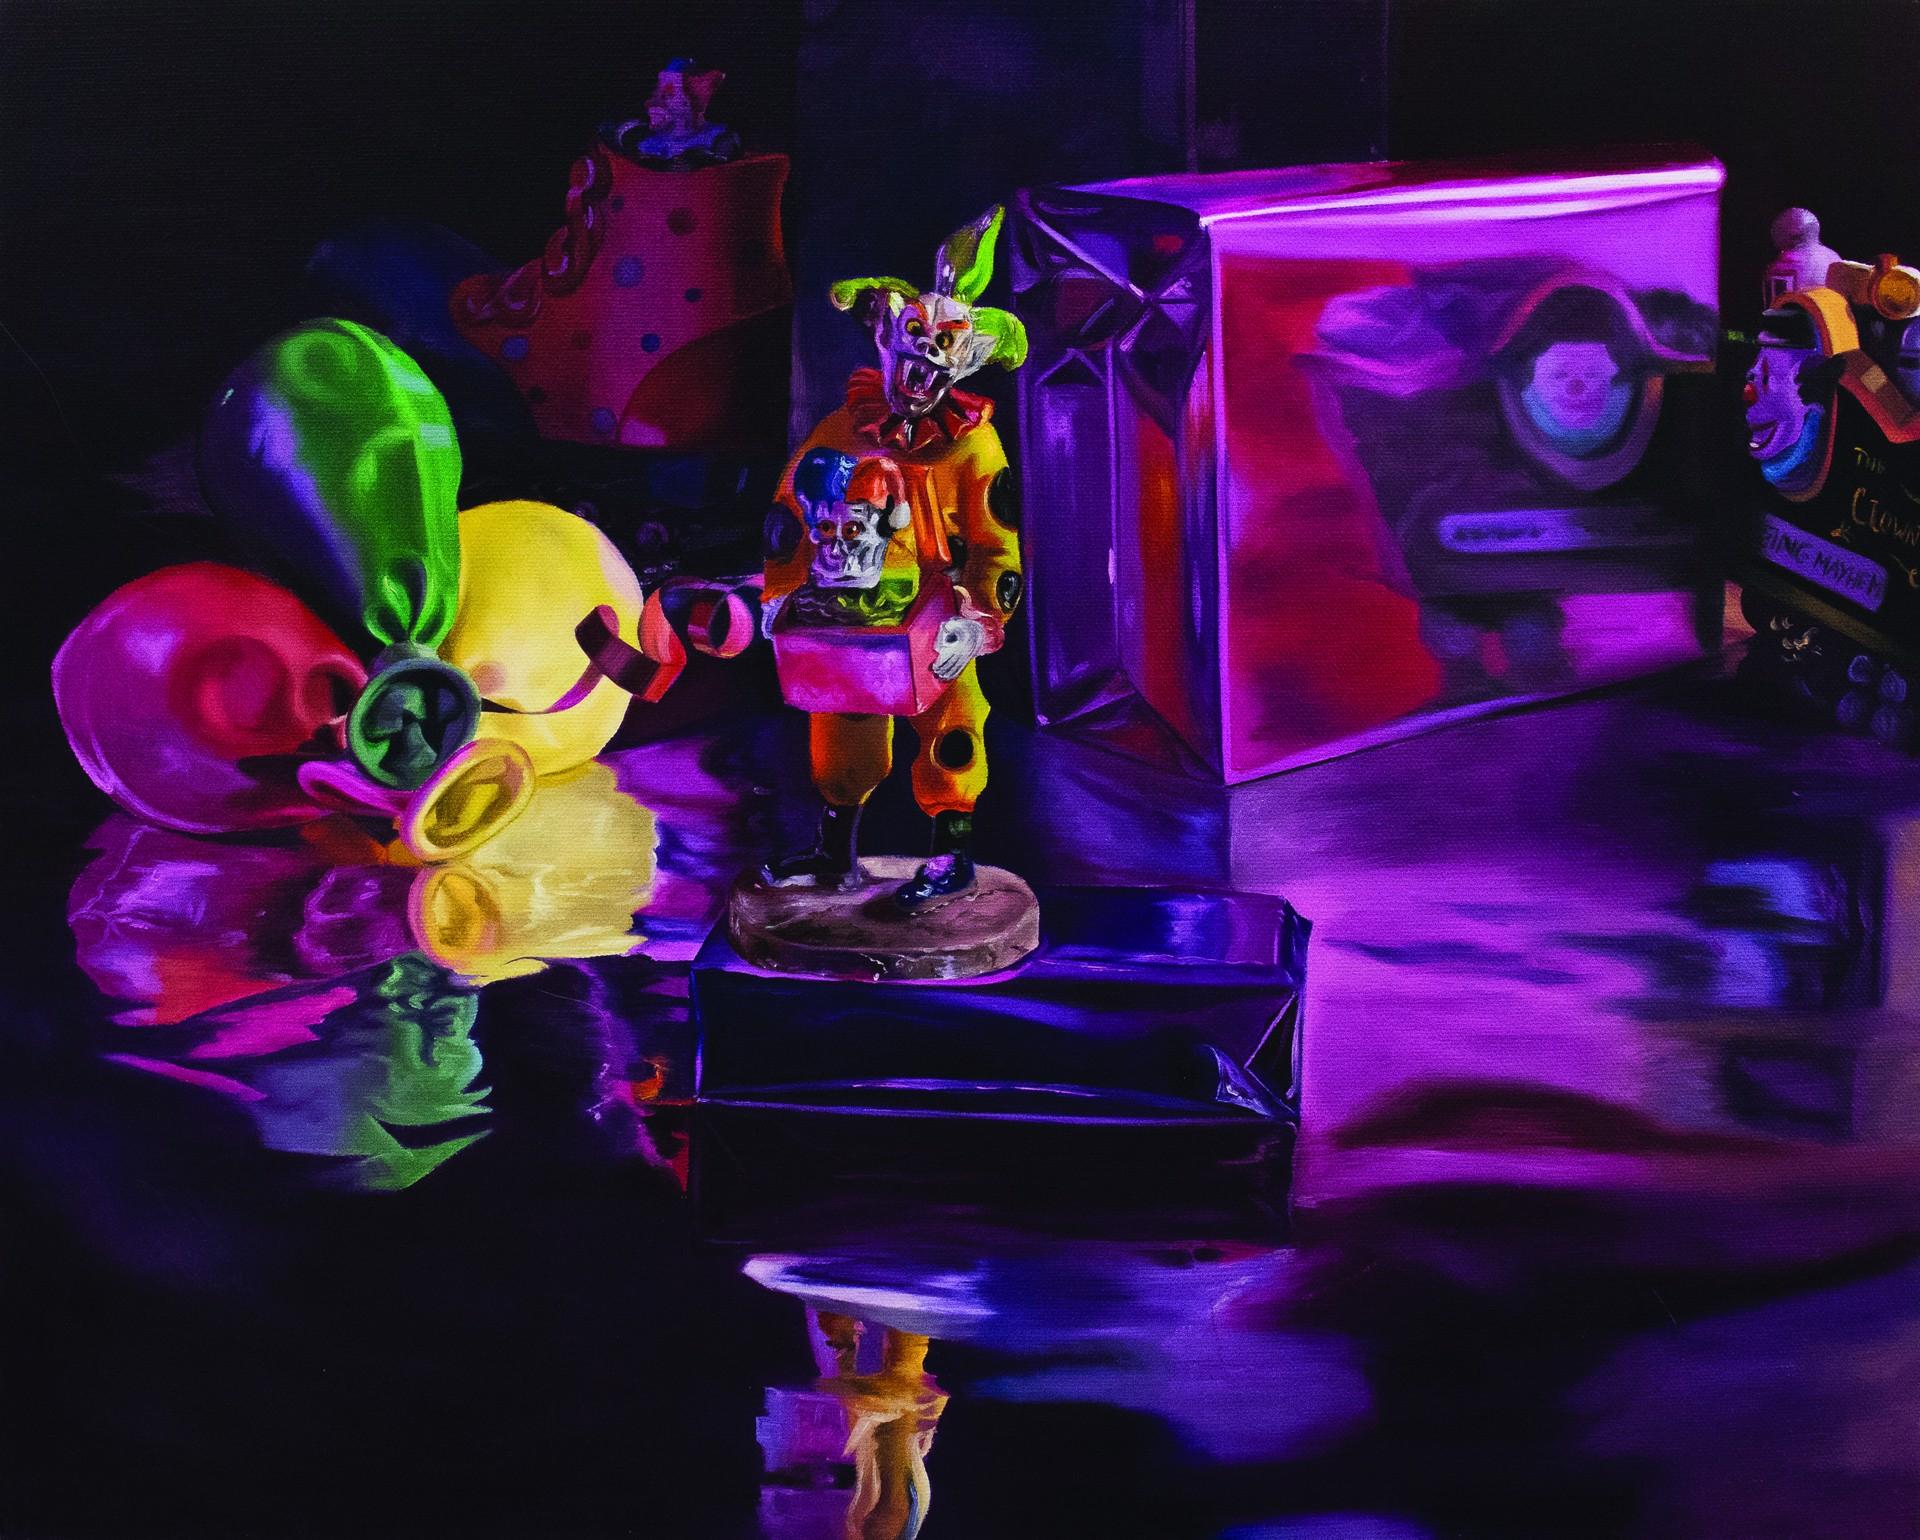 Klowns by Daniela Velez